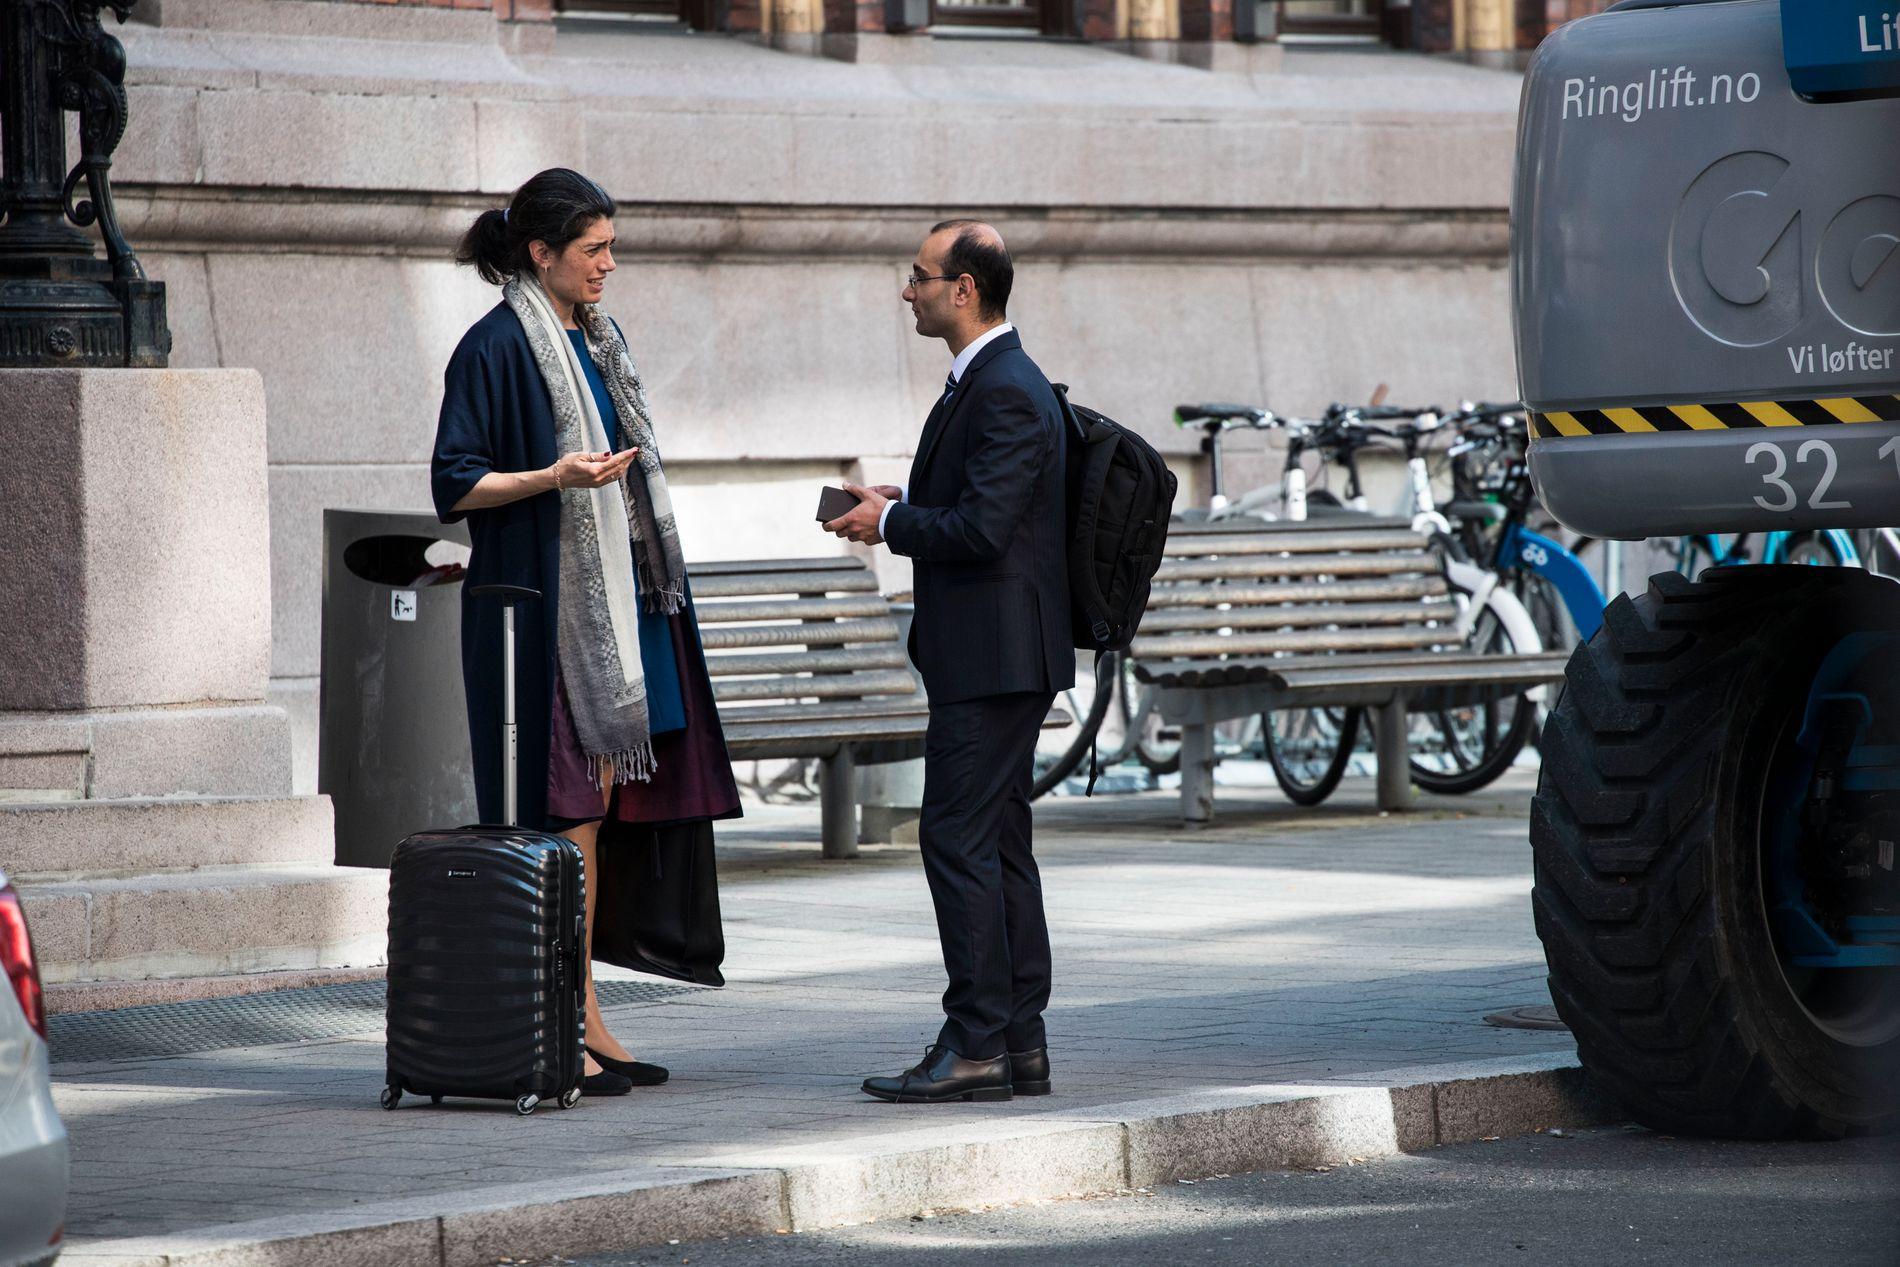 FORSVARERE PÅ JOBB: Racha Maktabi (41) sammen med sin fraseparerte ektemann Amir Mirmotahari (38) foran Borgarting lagmannsrett i Oslo. De to forsvarsadvokatene forsvarte hver sin klient i samme straffesak som gikk i lagmannsretten for et par uker siden.